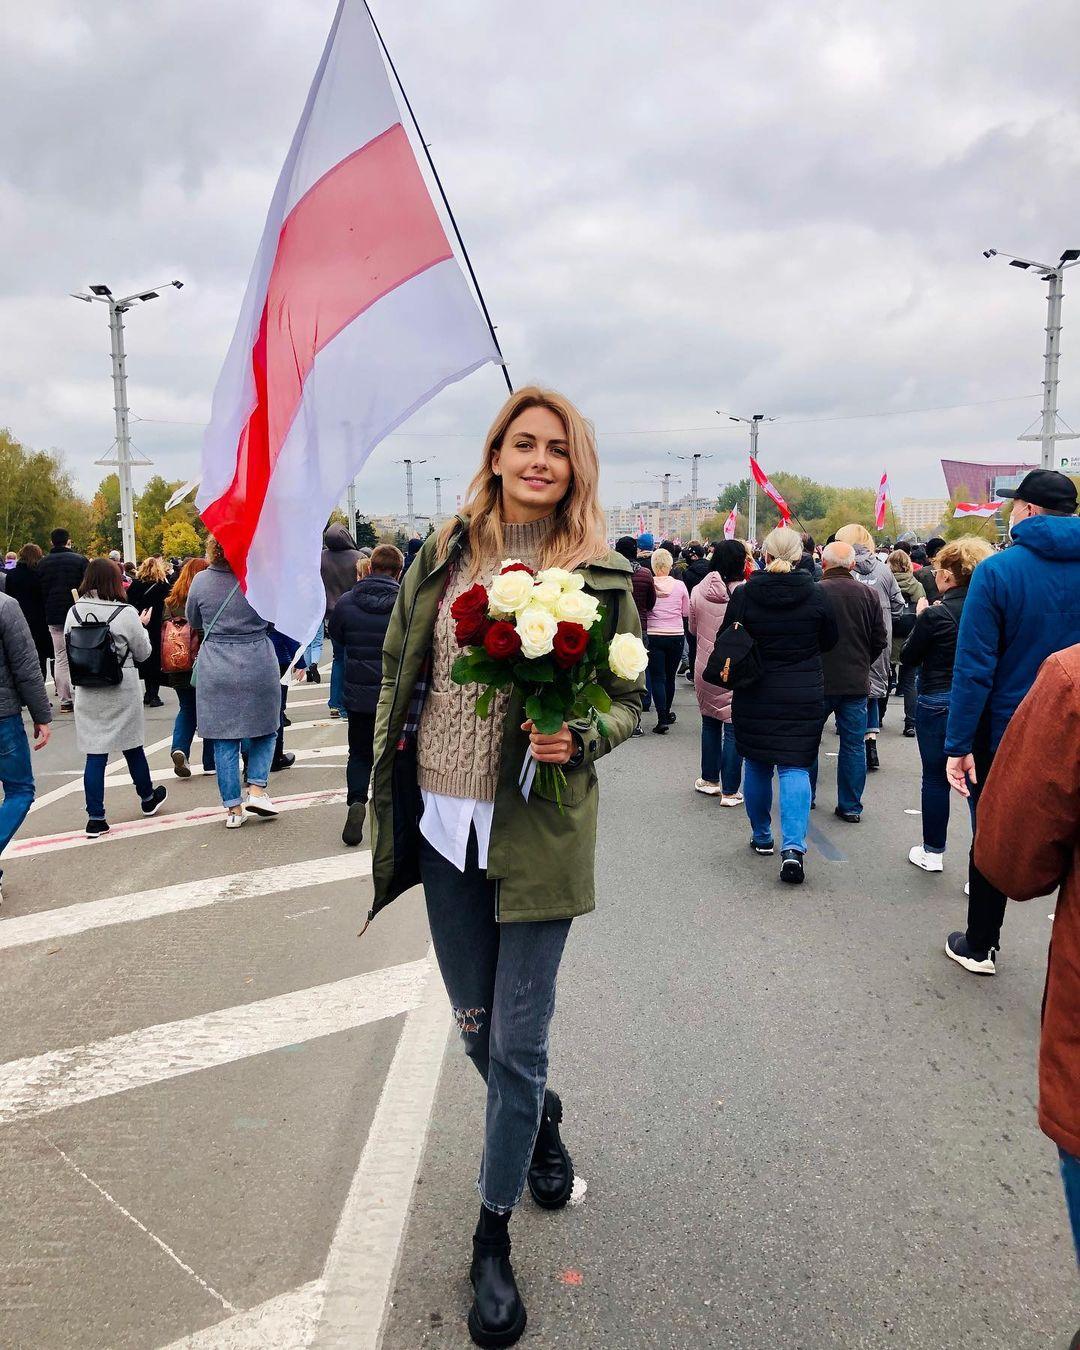 Не щадять нікого: в Мінську силовики затримали десятки жінок, включаючи екс-Міс Білорусь